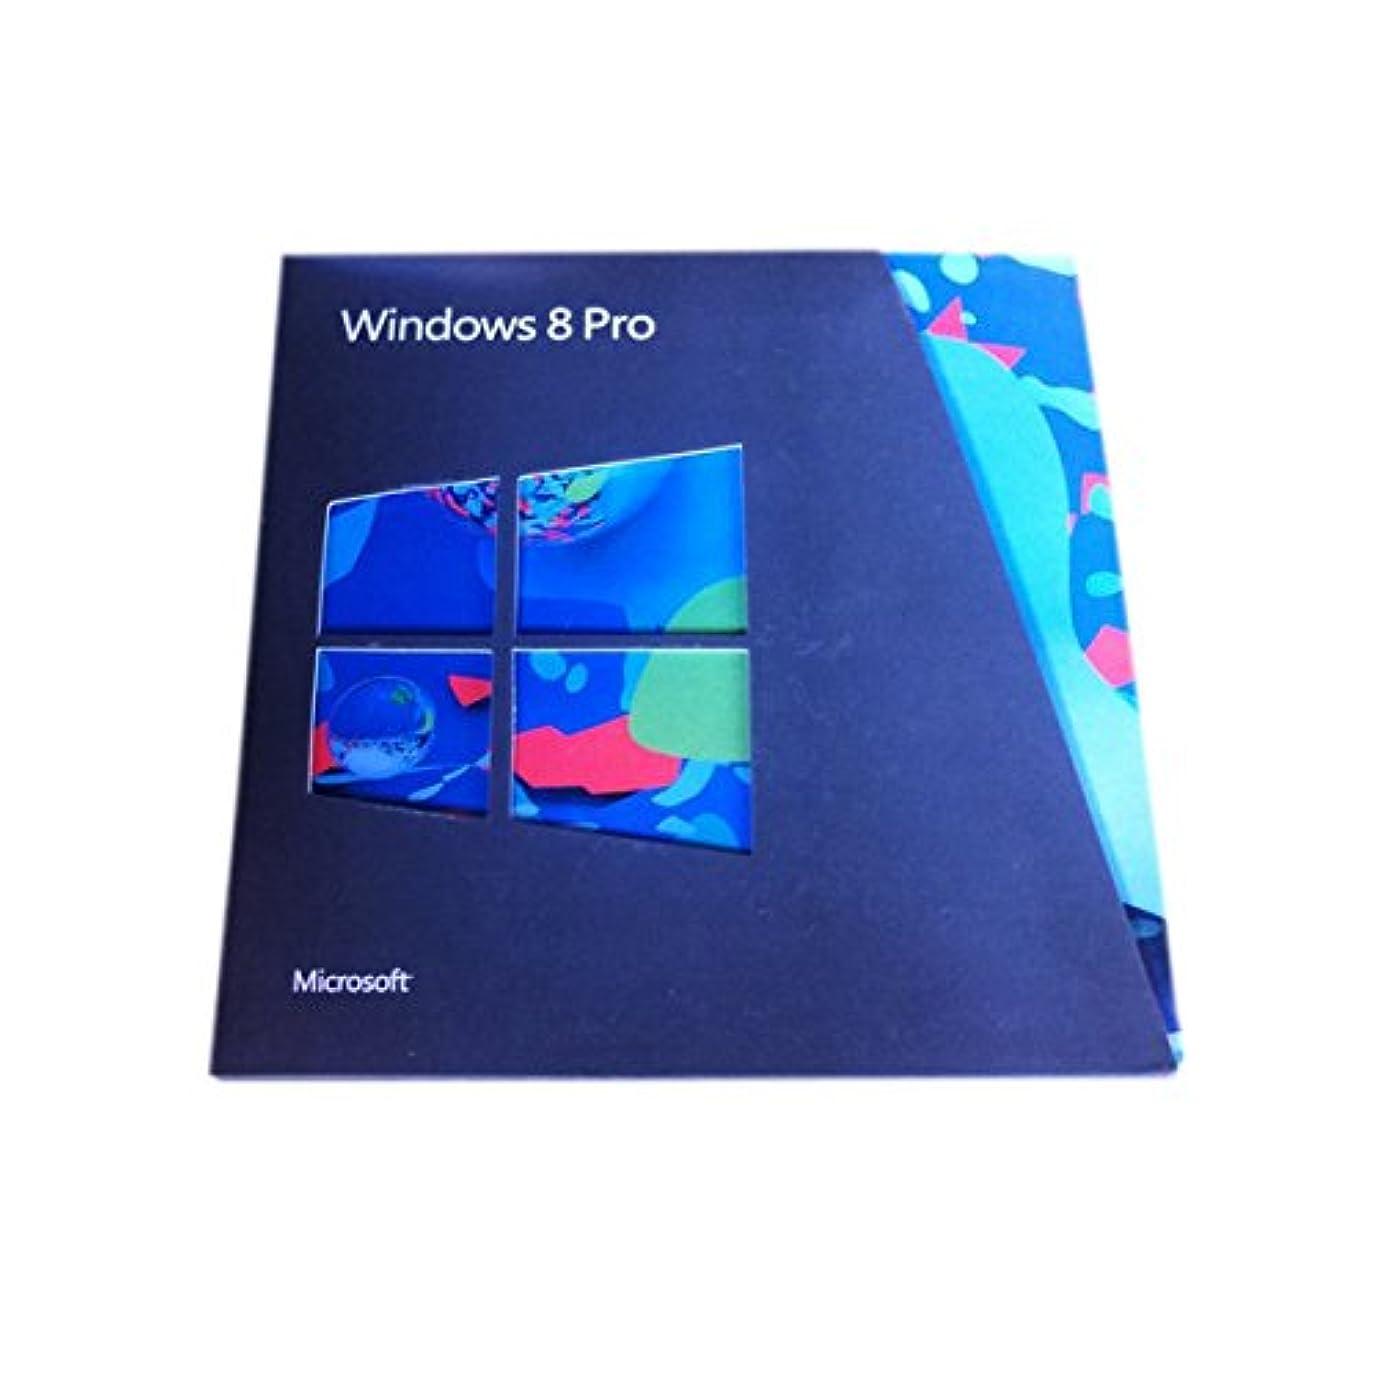 フレア図書館紛争Windows 8 OS Professional オペレーティングシステム ソフトウェア Microsoft Win 8 Pro 32bit/64bit 日本語 DSP版 未開封品プロダクトキー同梱